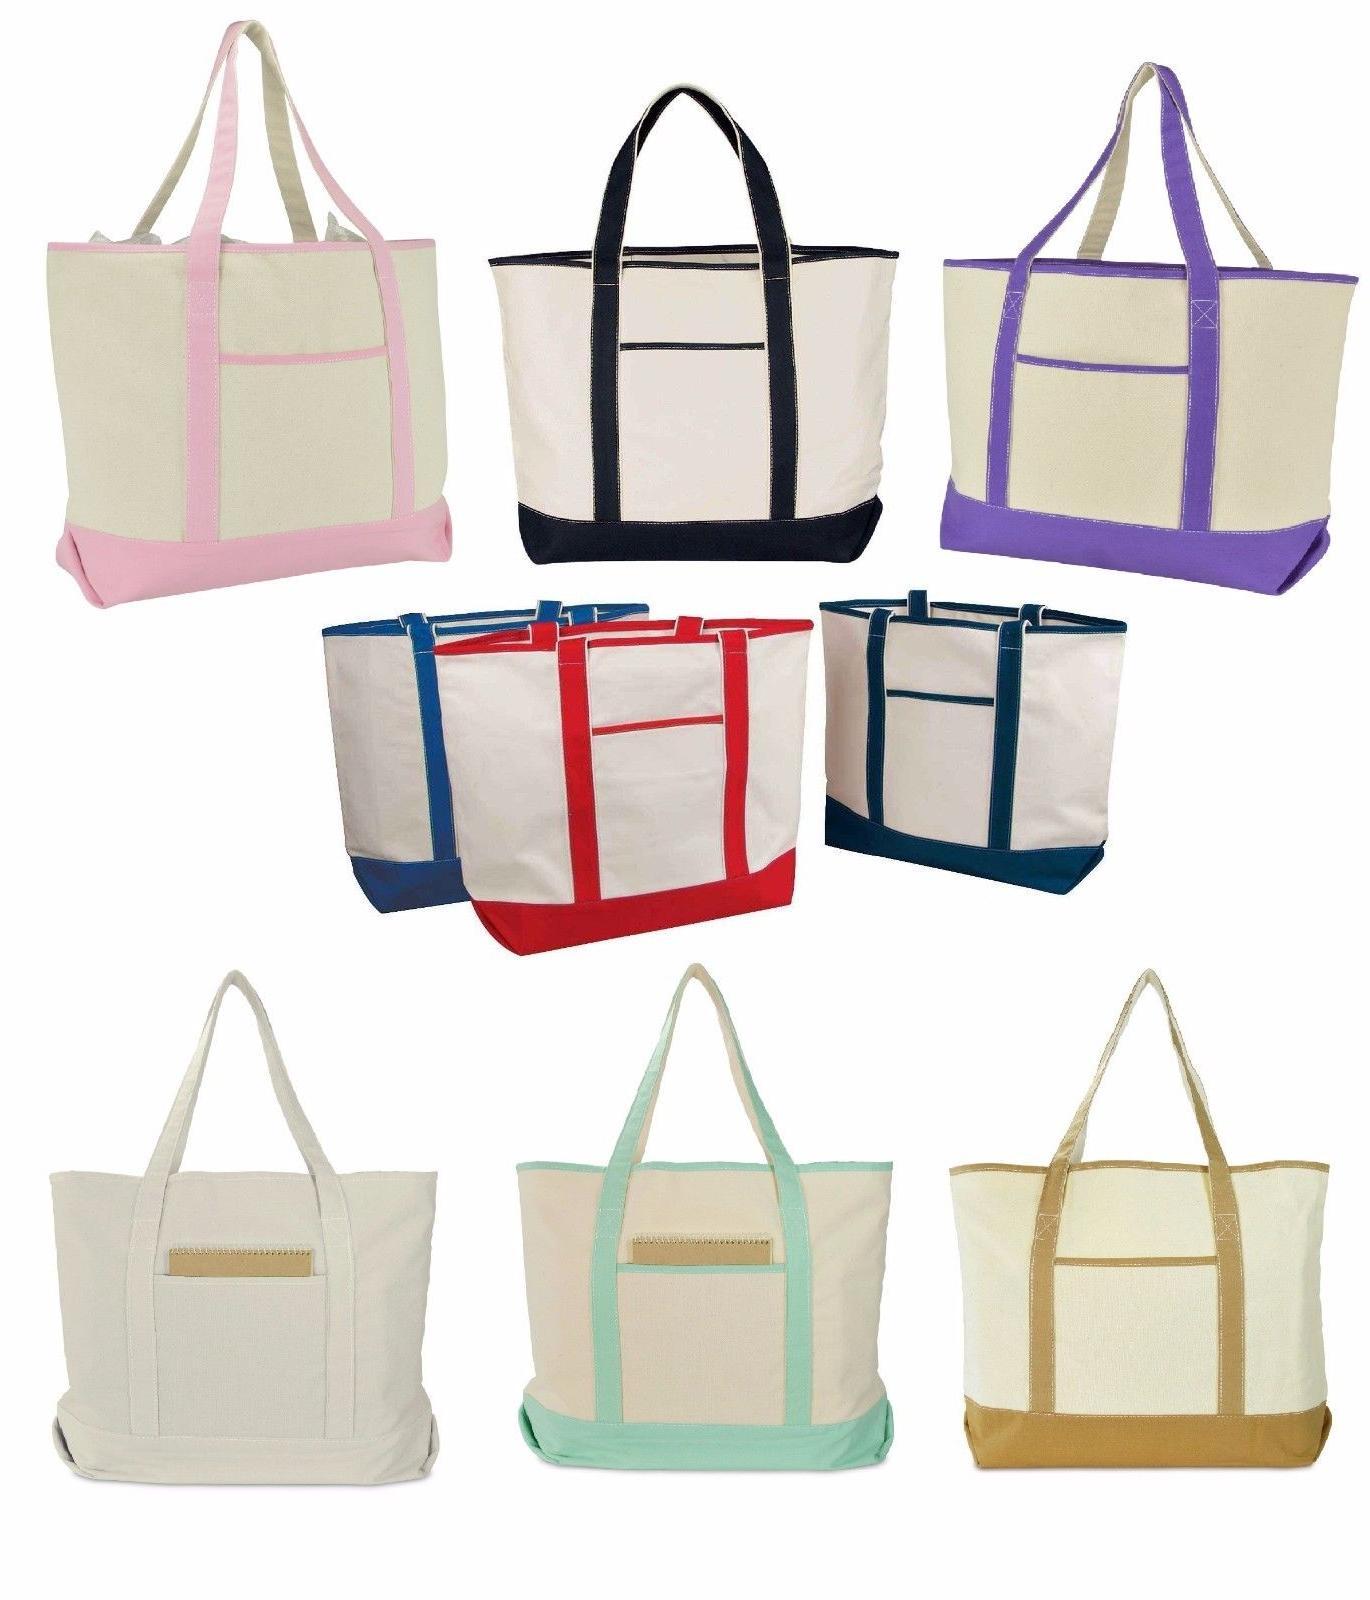 22 canvas tote bag beach shopping w